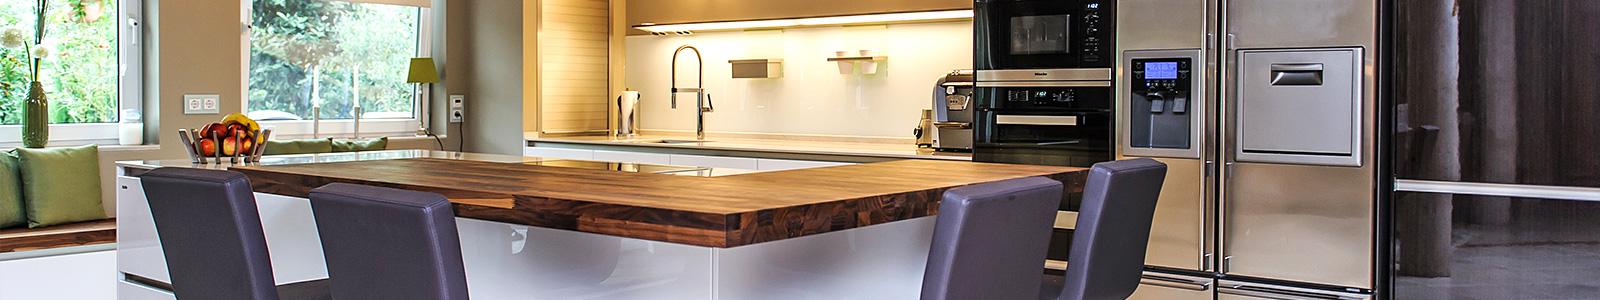 s2 lotuswei 2 k chen krampe. Black Bedroom Furniture Sets. Home Design Ideas